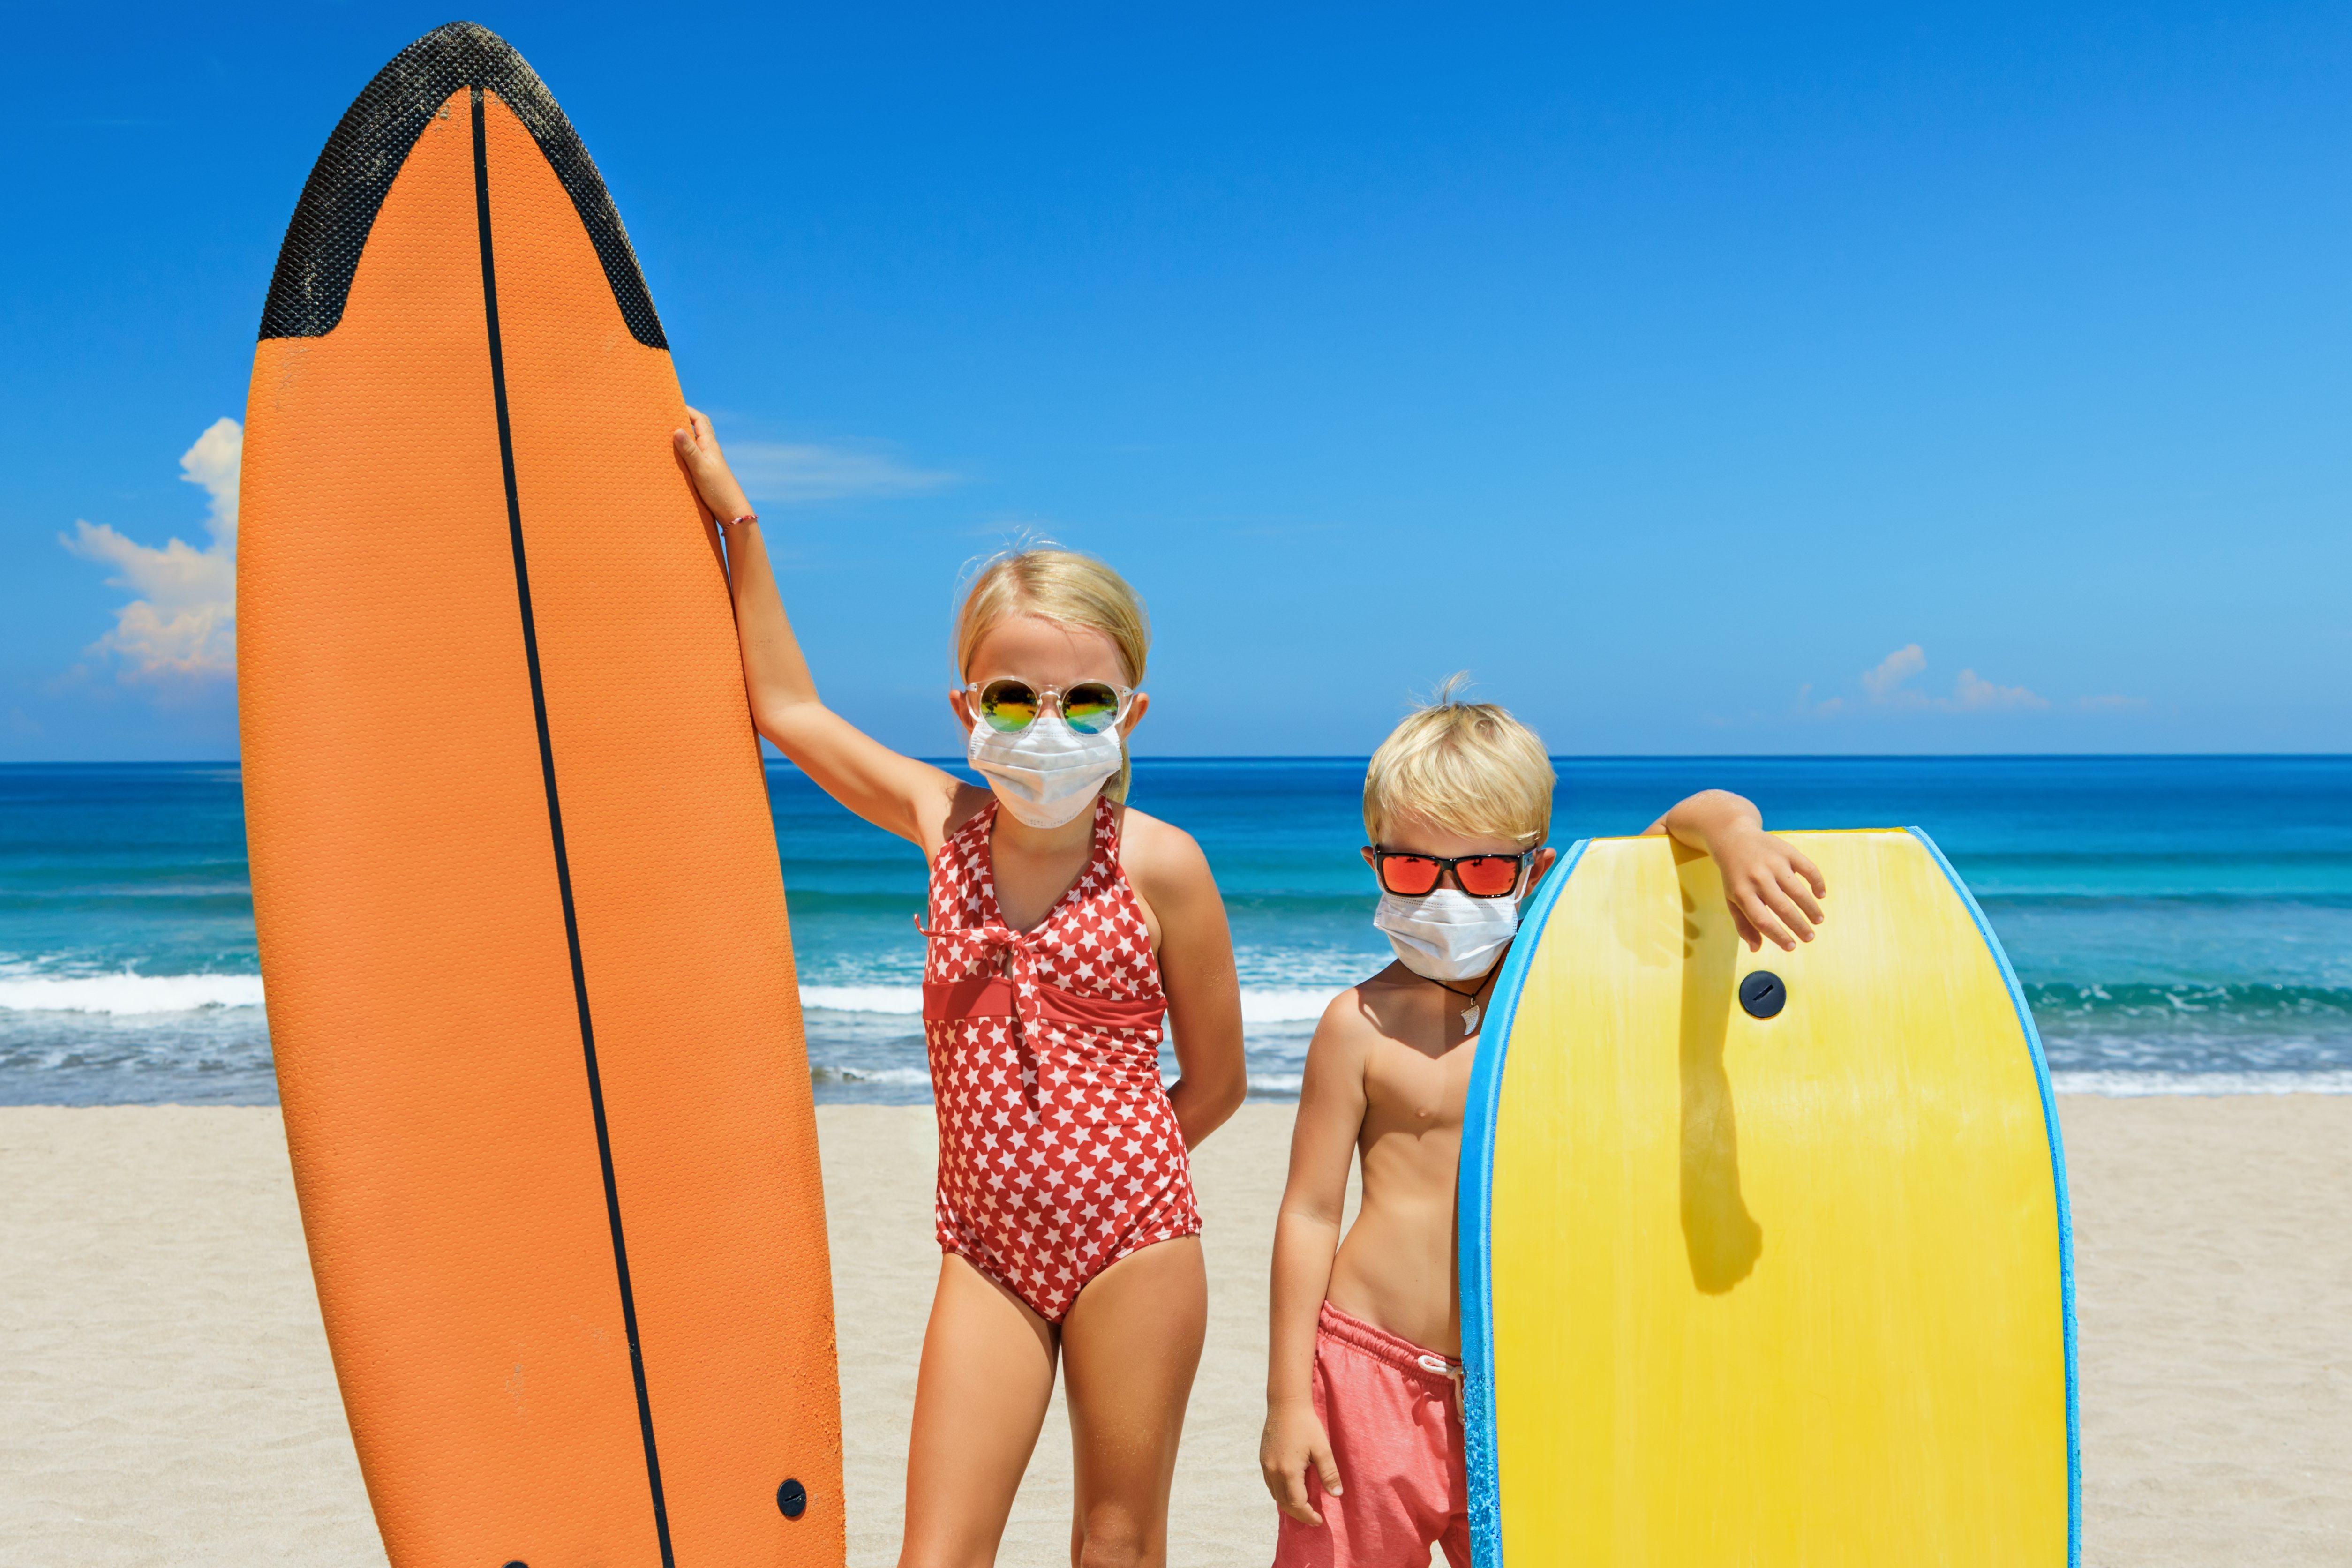 Jóvenes surfistas con tablas de surf usan máscaras protectoras en la playa.